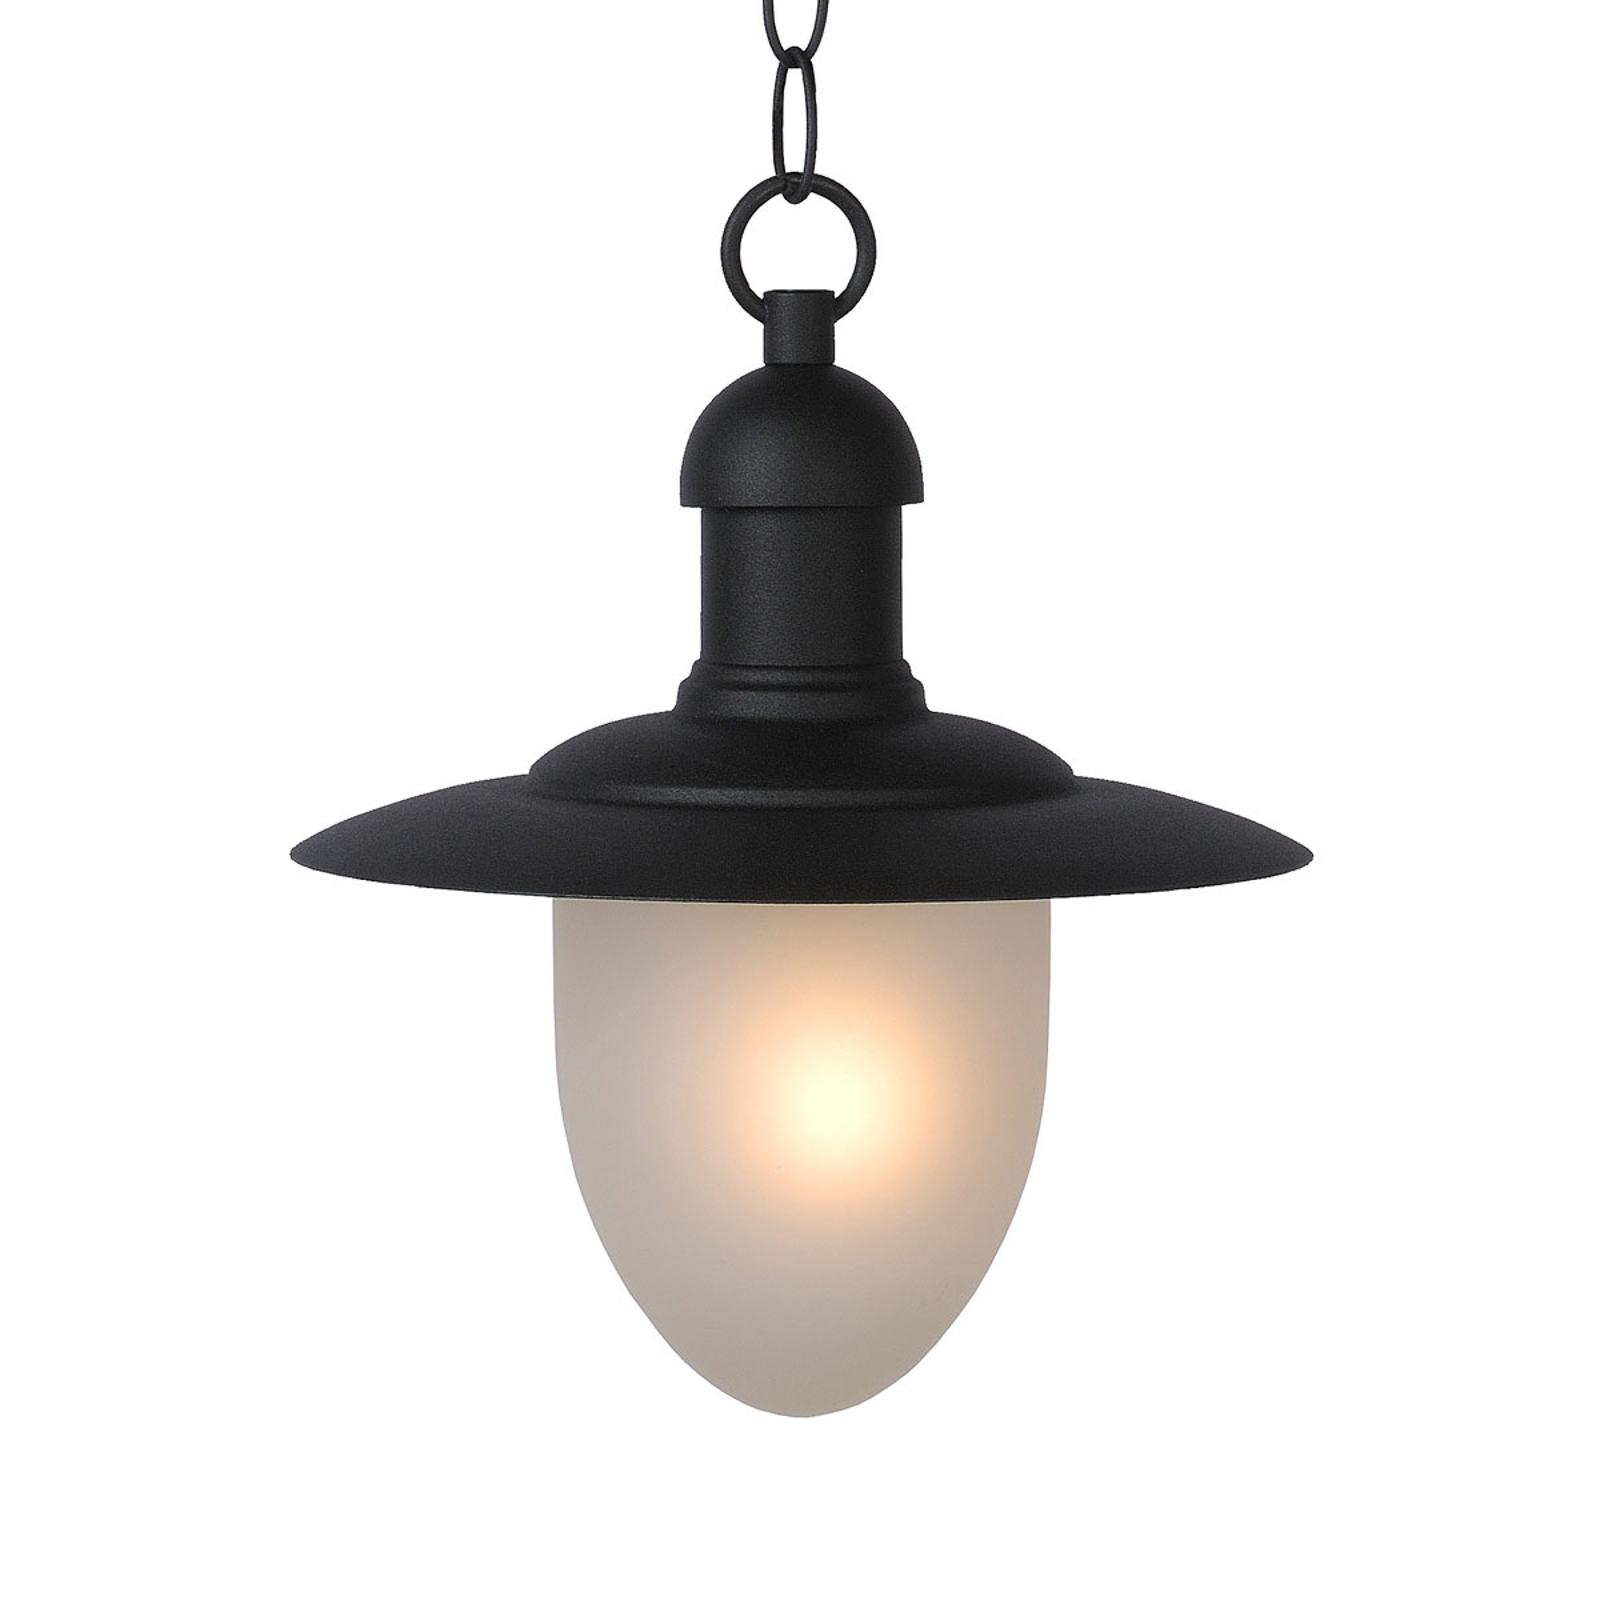 Cottage udendørs hængelampe, sort